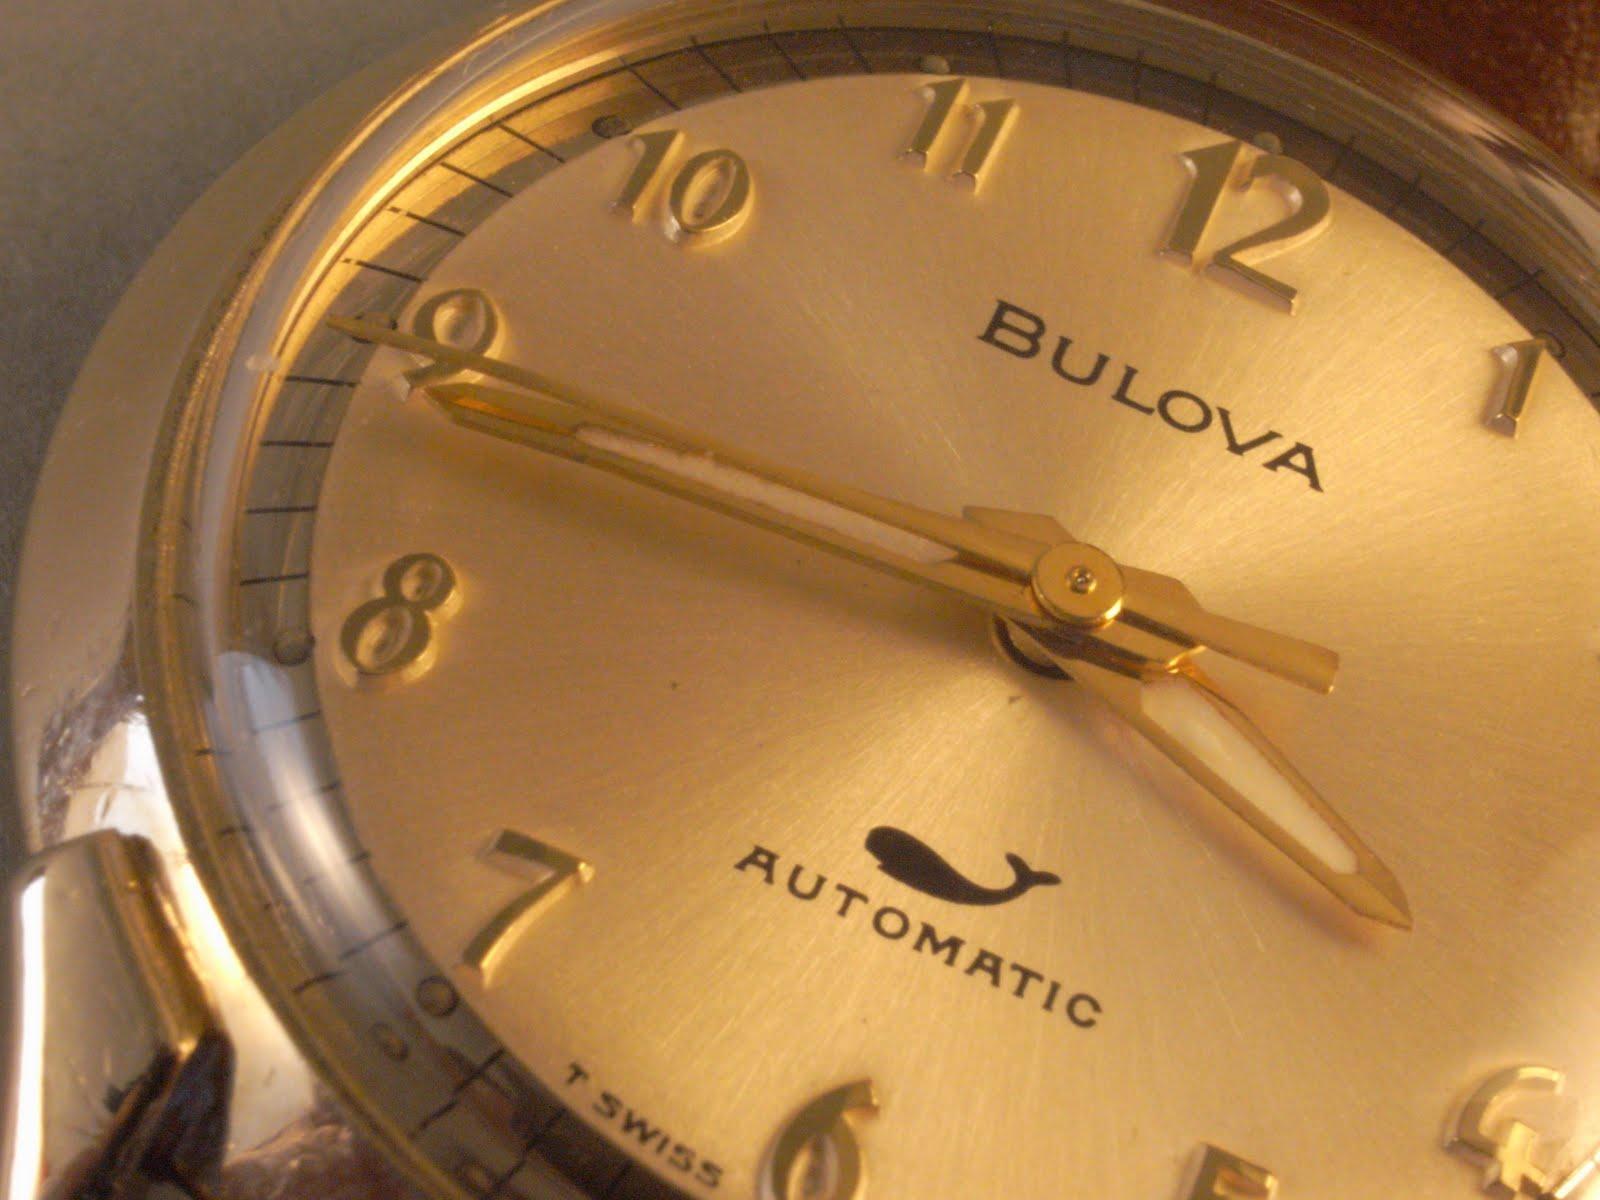 Montre Vintage Bulova 23 or